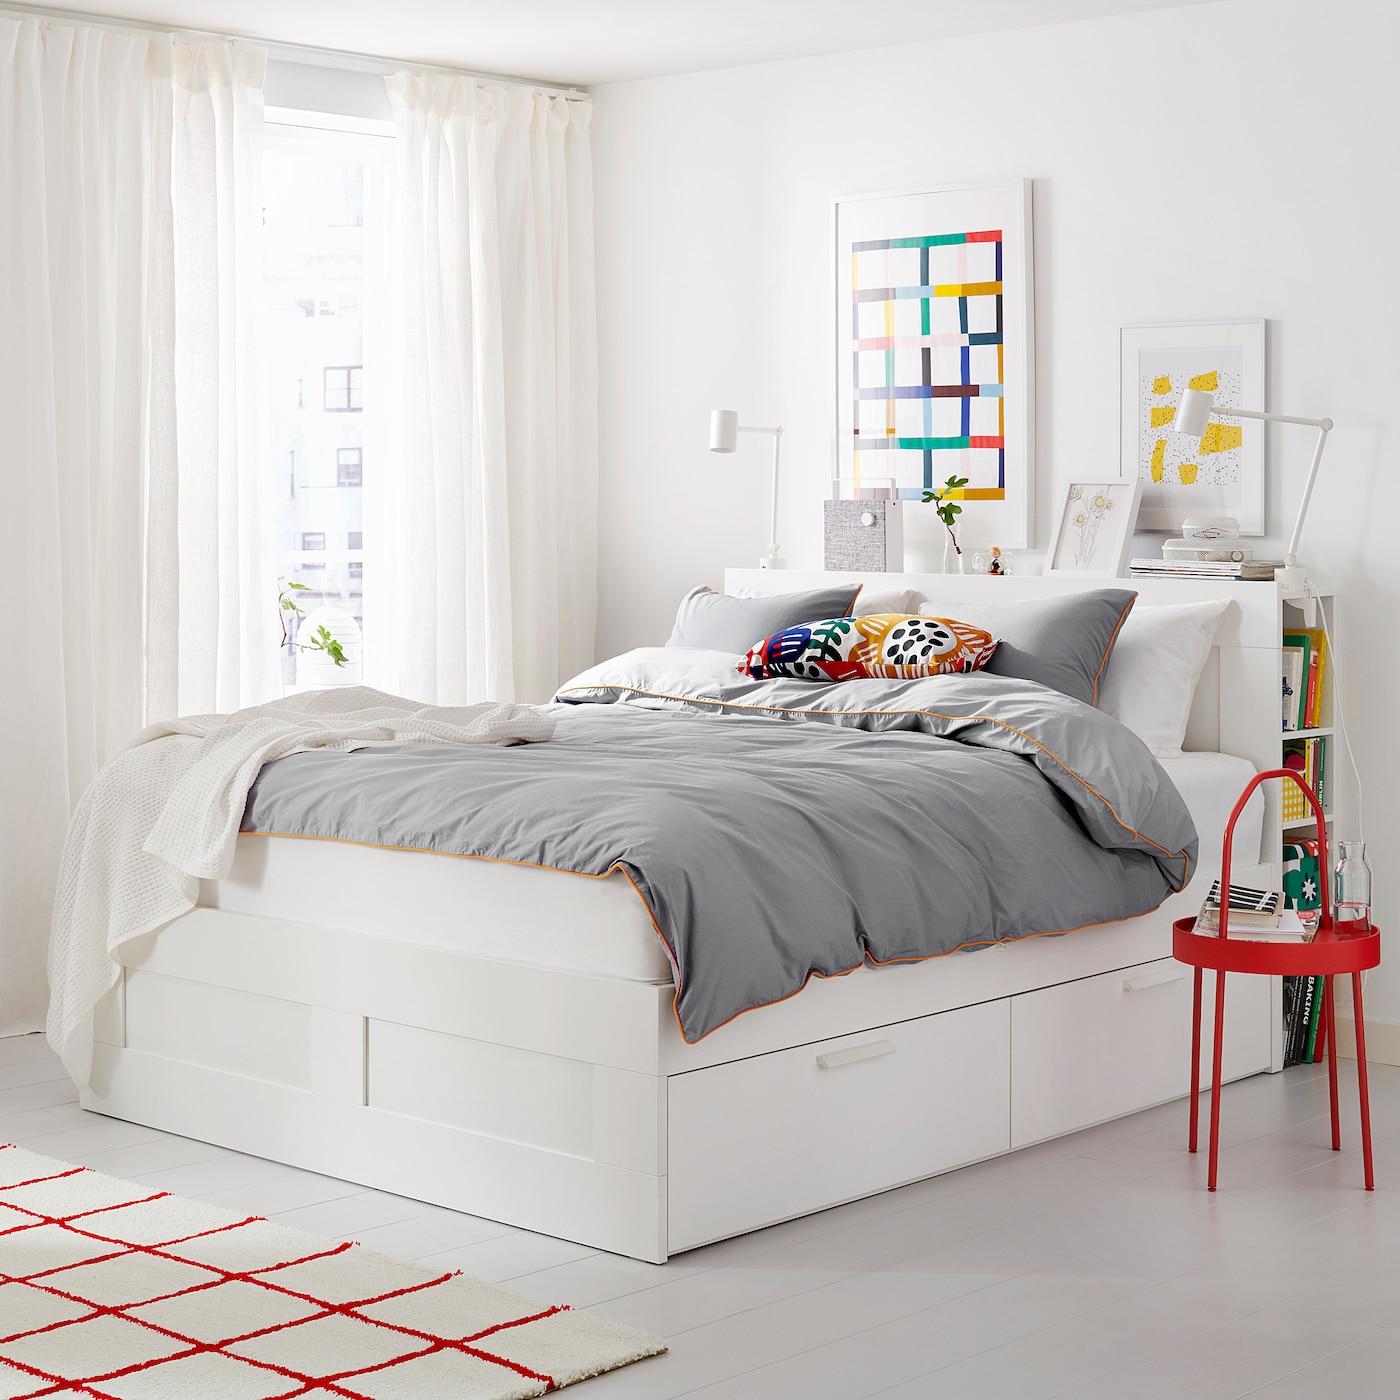 brimnes struct de lit rangement tete de lit blanc luroy deux places